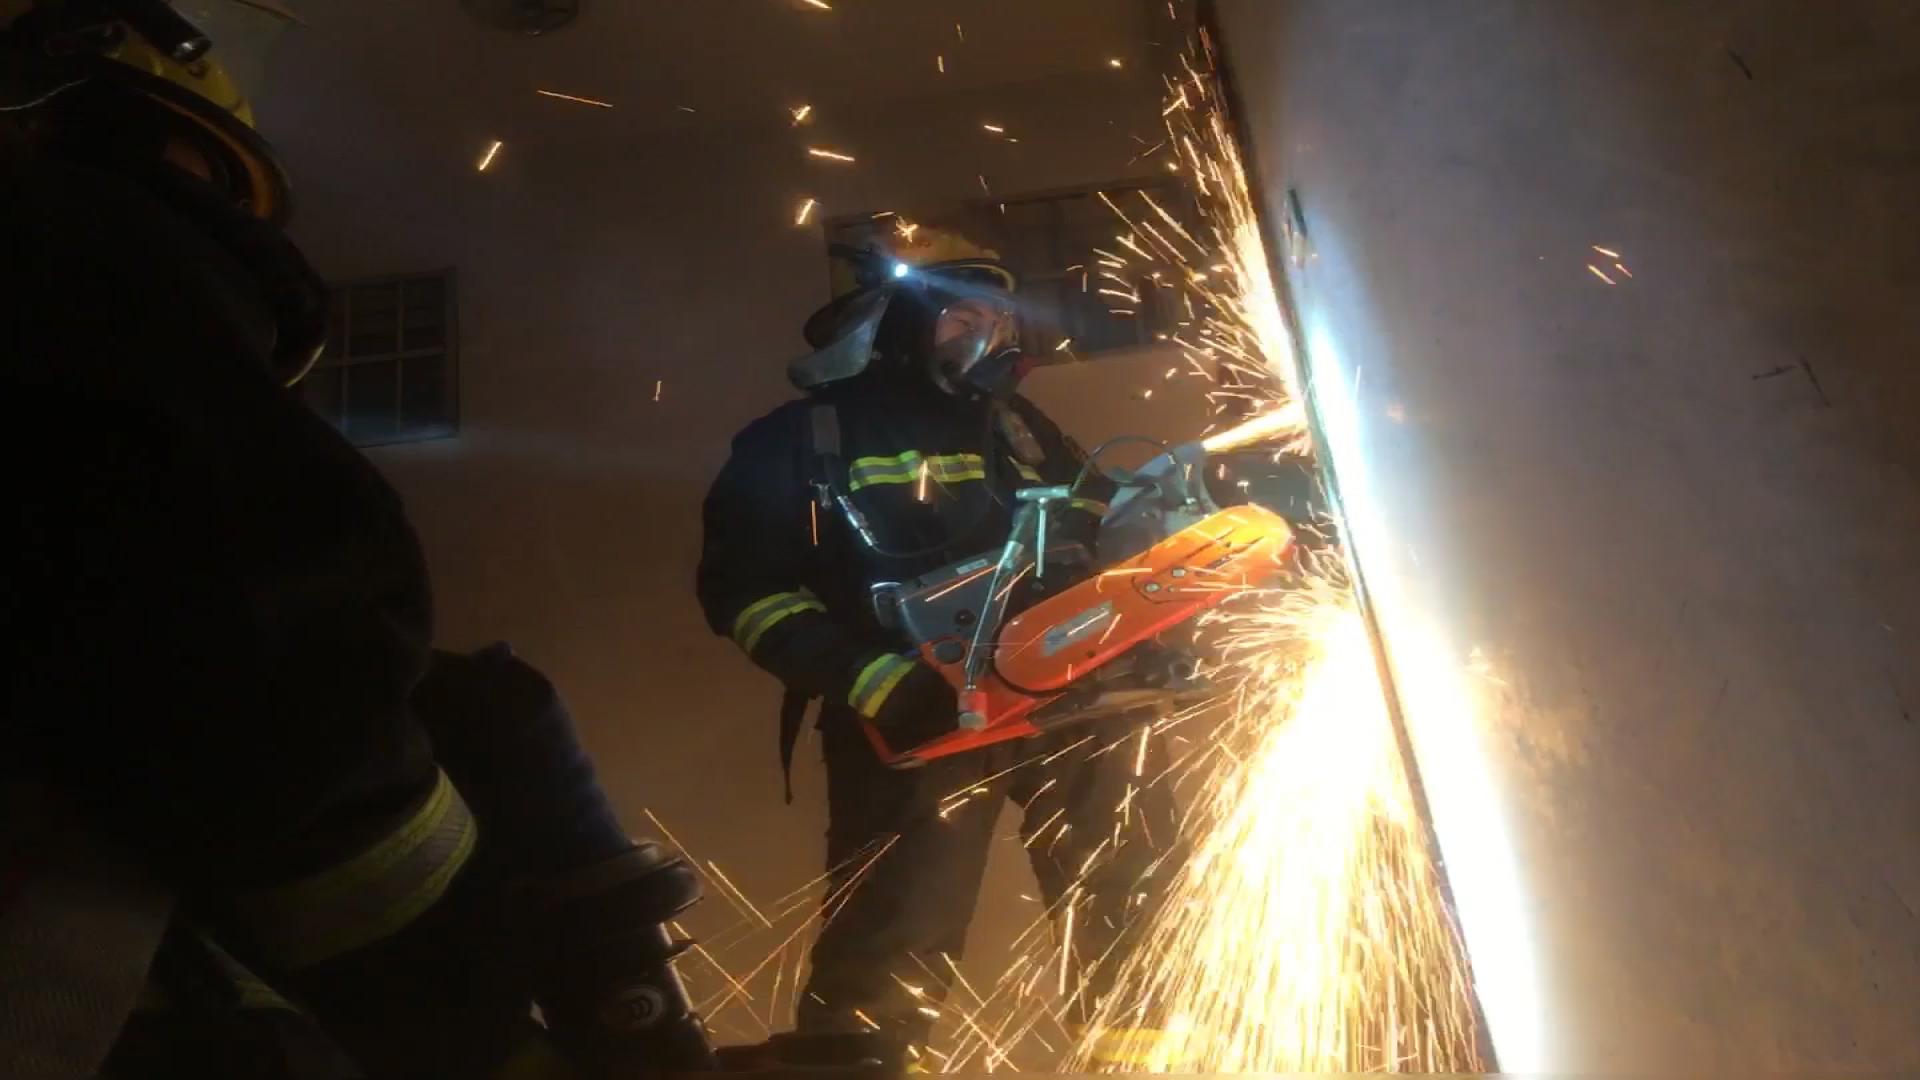 41秒|德州一居民楼失火 醉酒老人昏迷,消防员跪地心肺复苏